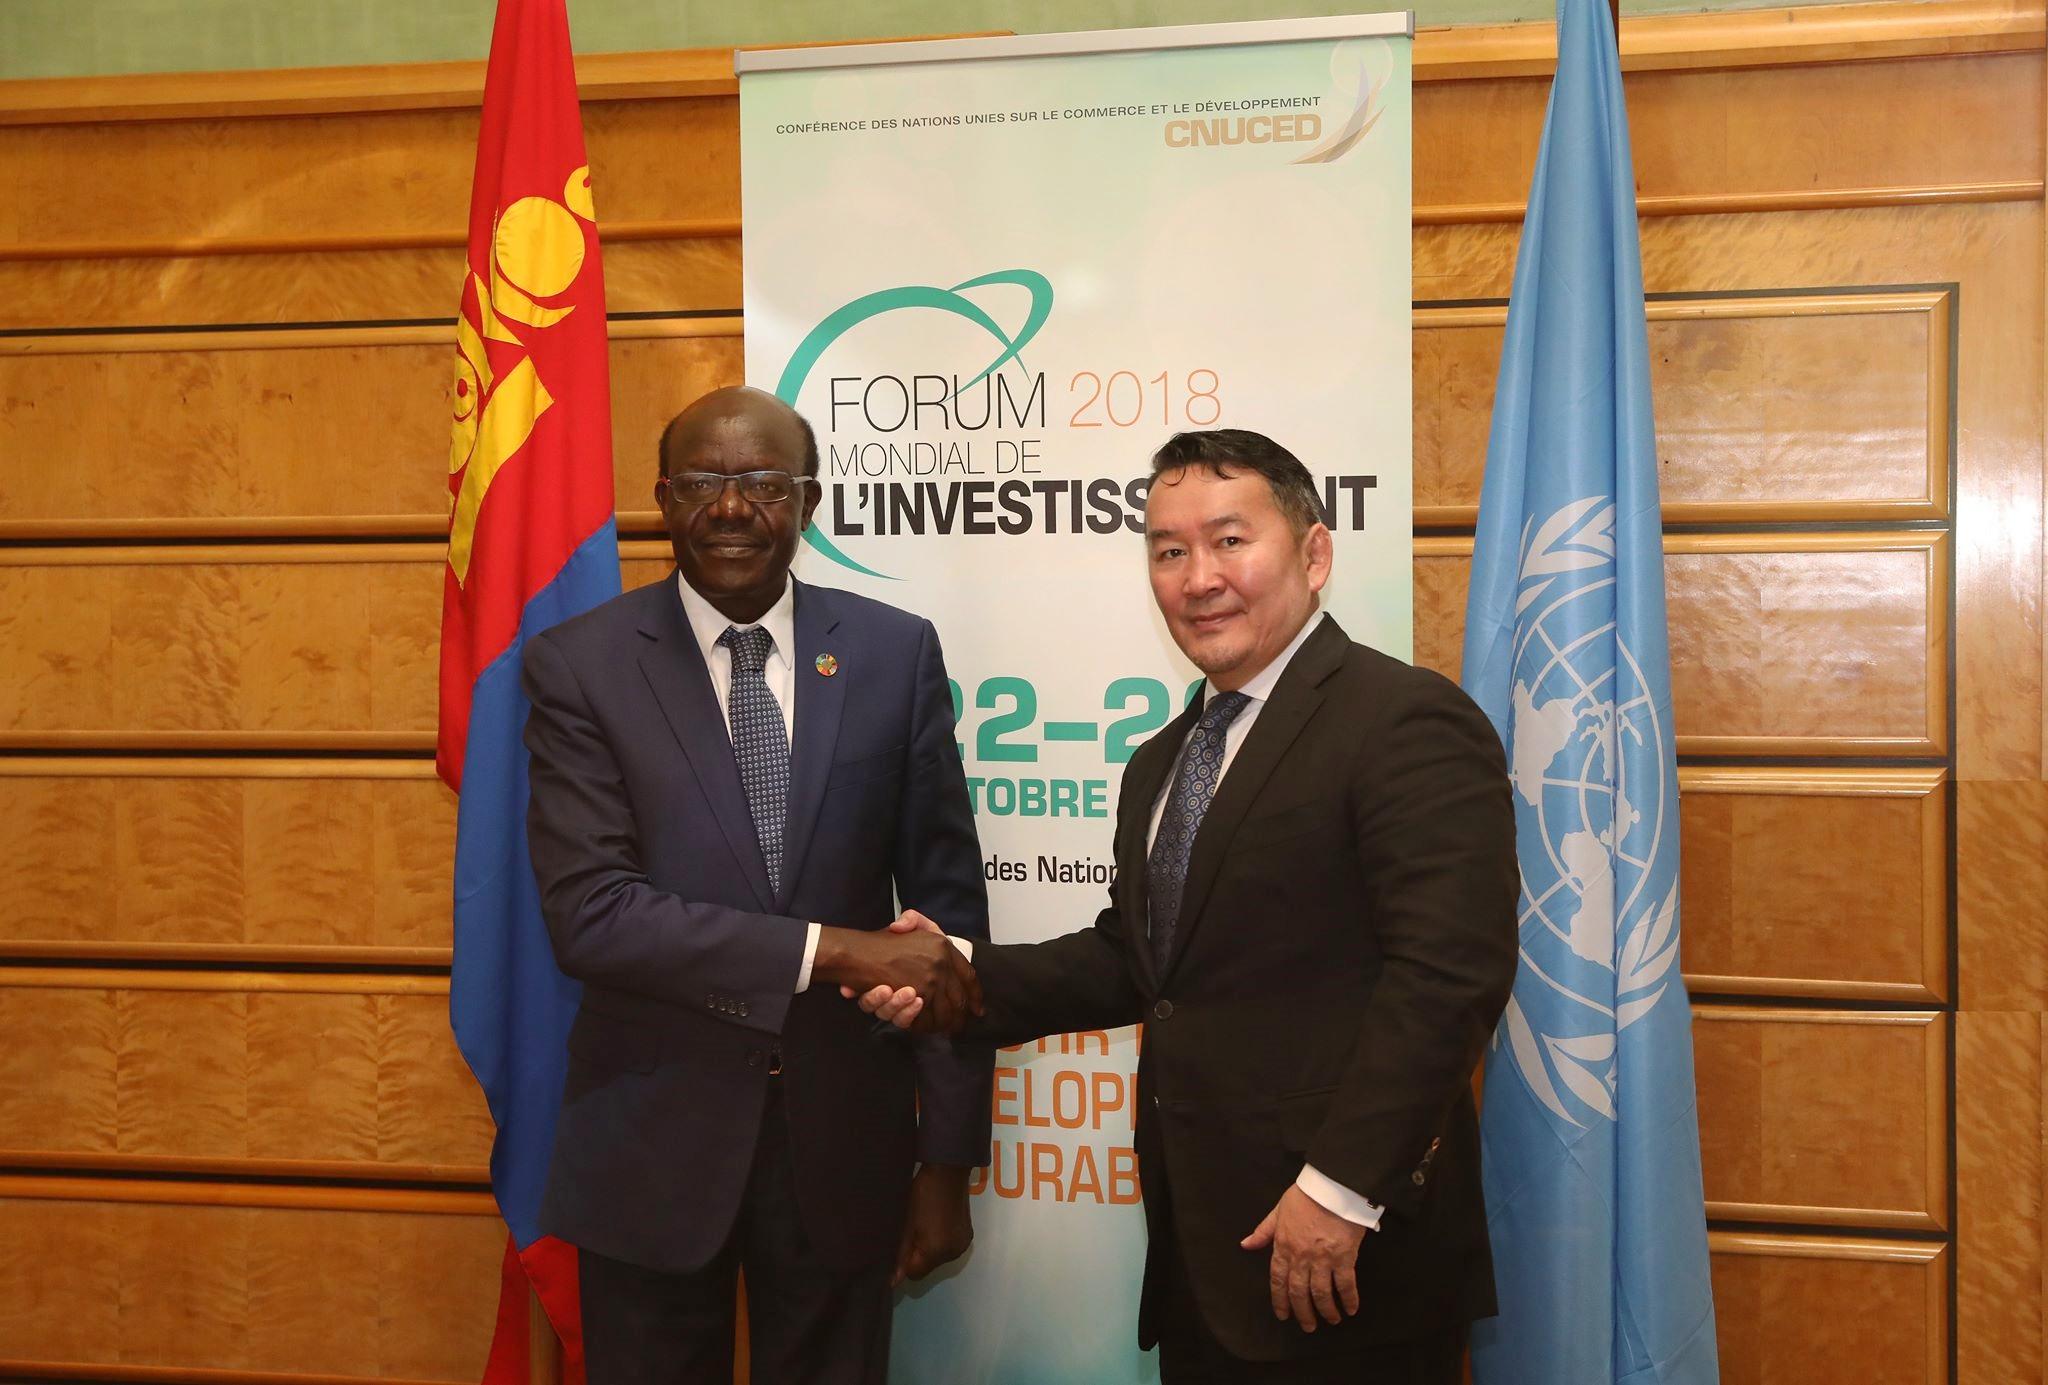 Монгол Улс далайд гарцгүй орнуудыг манлайлж ажиллана